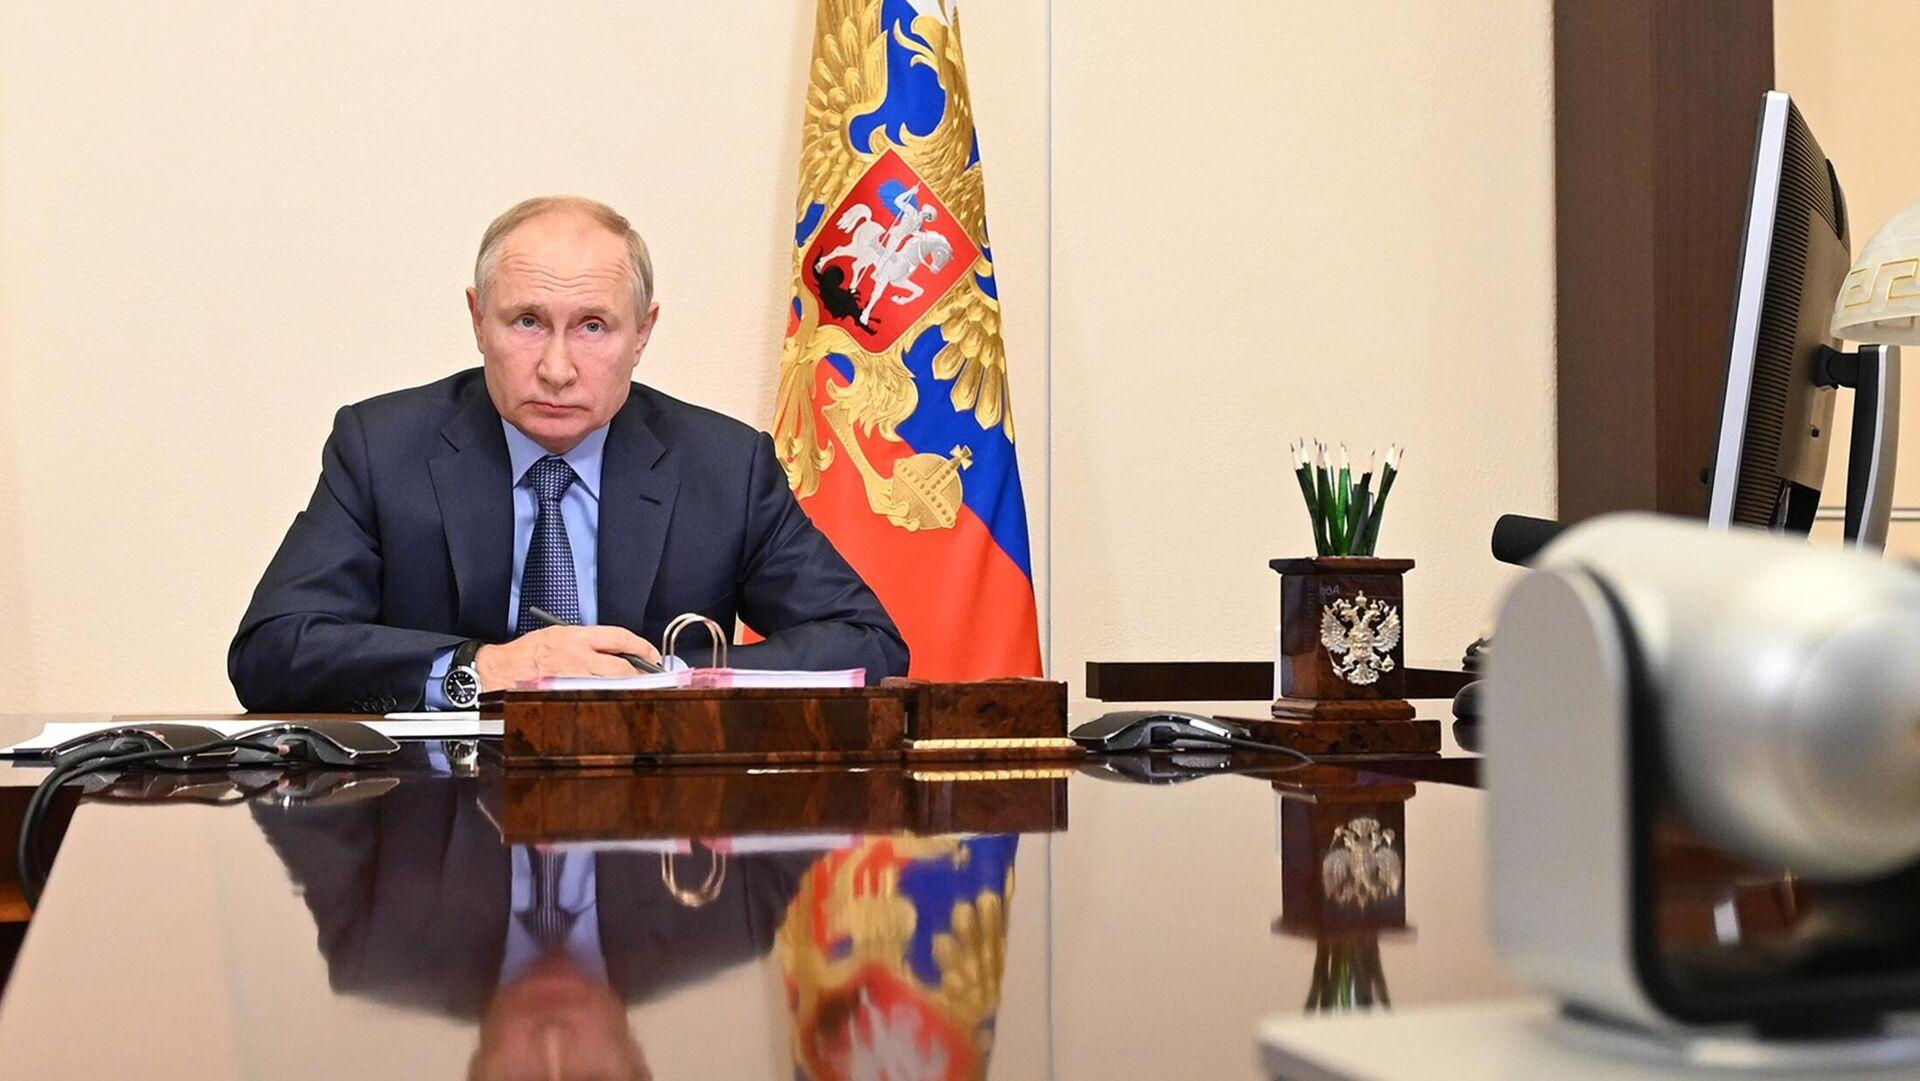 Президент РФ Владимир Путин проводит совещание с членами правительства РФ в режиме видеоконференции - РИА Новости, 1920, 24.07.2021